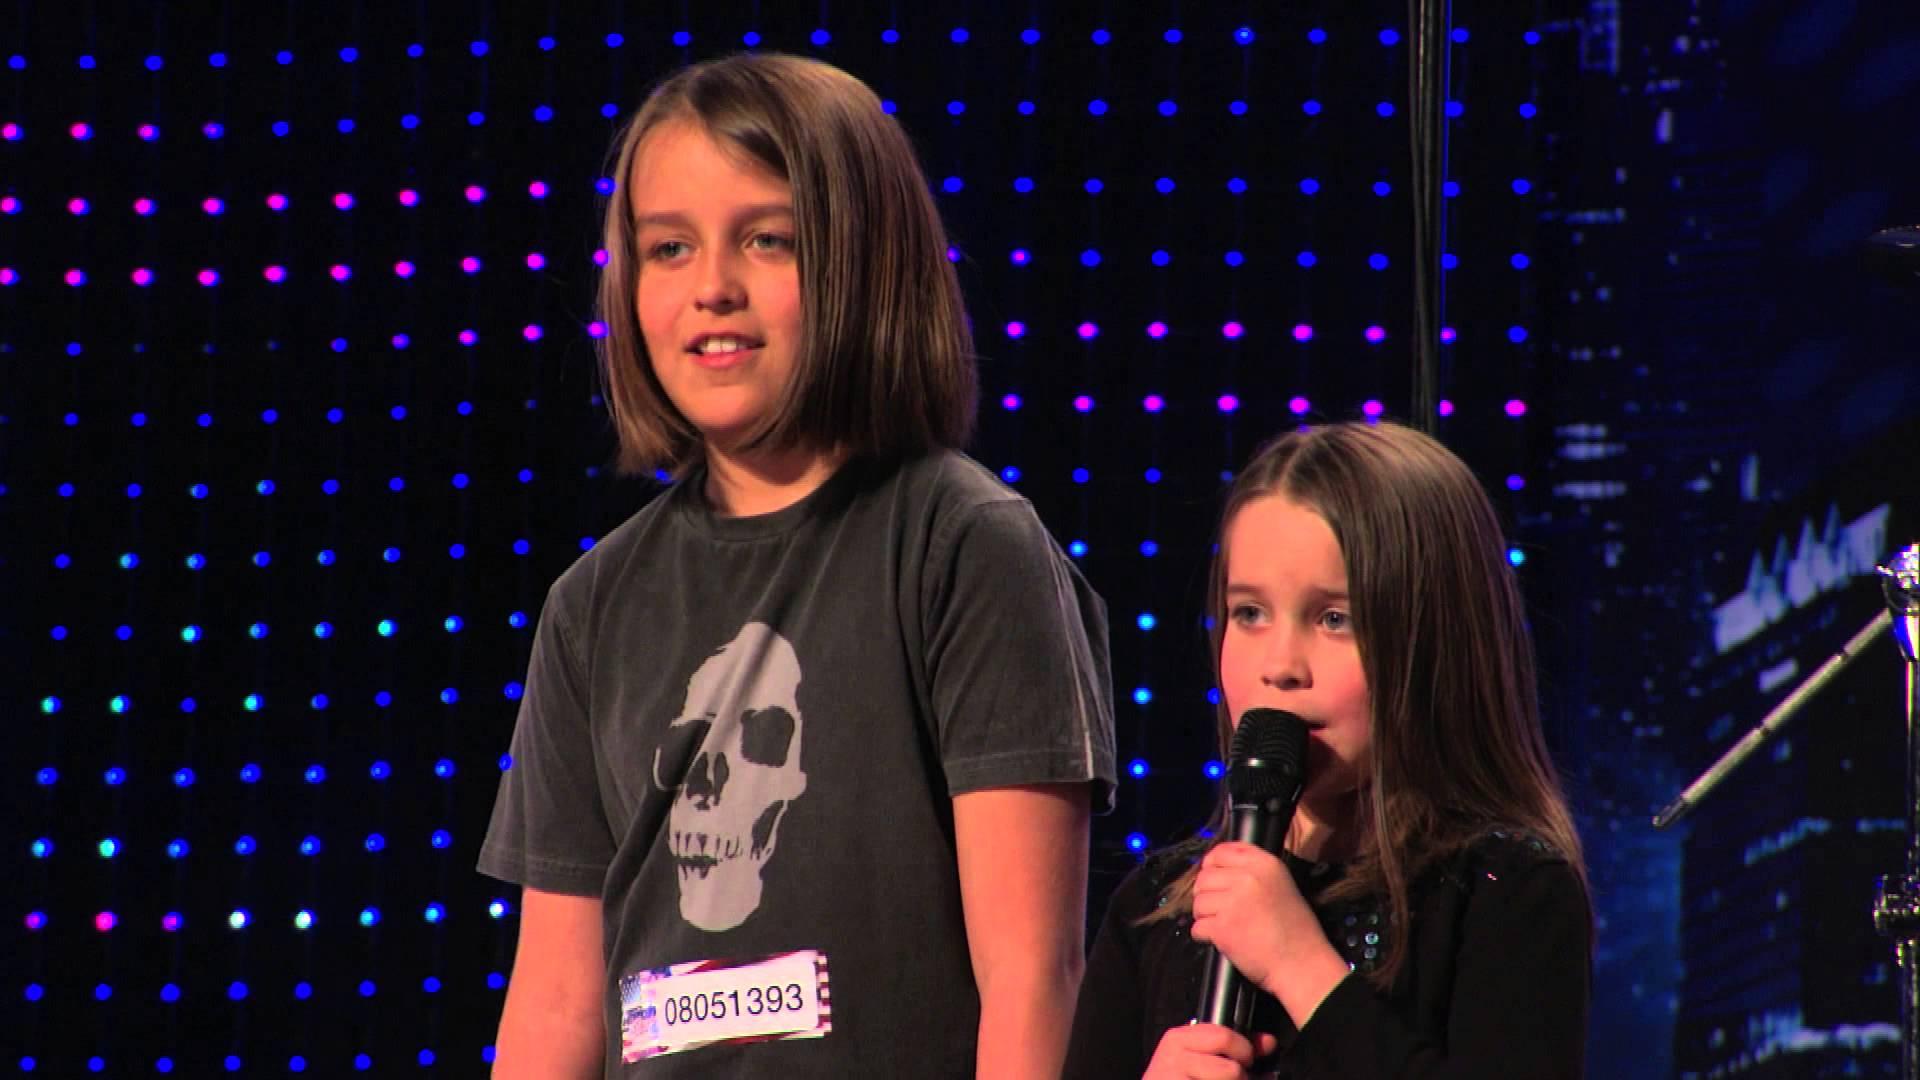 6-ти летняя девочка поет песню на шоу 5 минут славы .